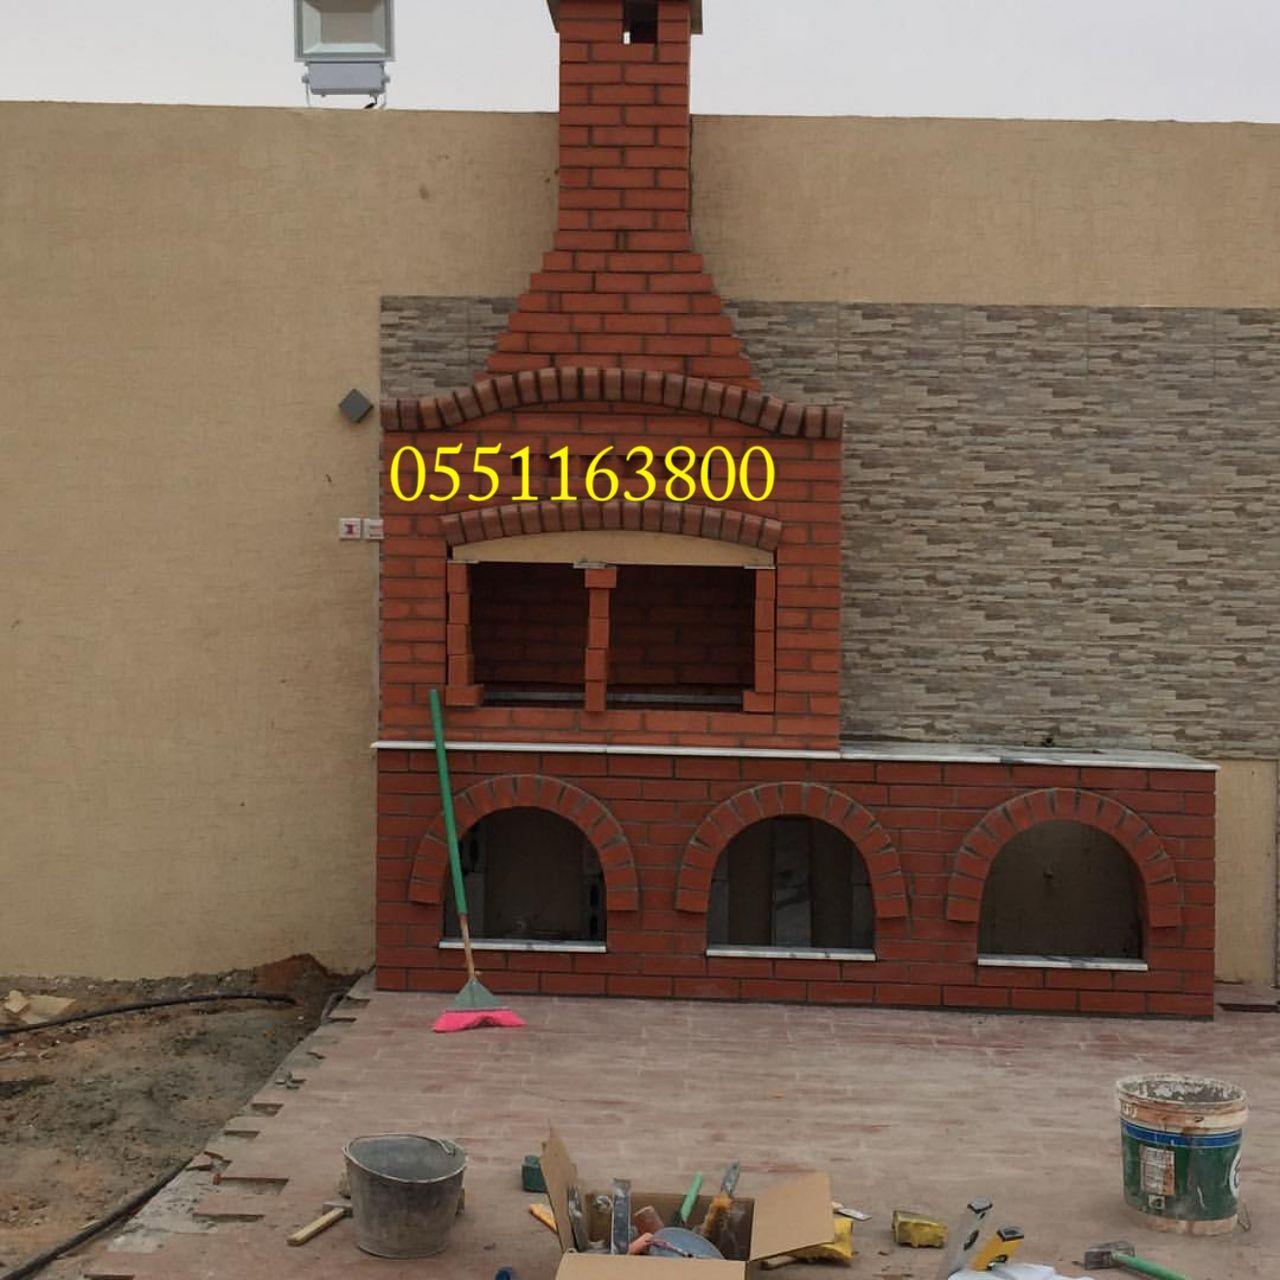 شوايات تركية تصنيع شوايات تصميم شوايات تصنيع شوايات فحم شوايات برميل شوايات بالطوب الاحمر شواي Decor Home Decor Fireplace